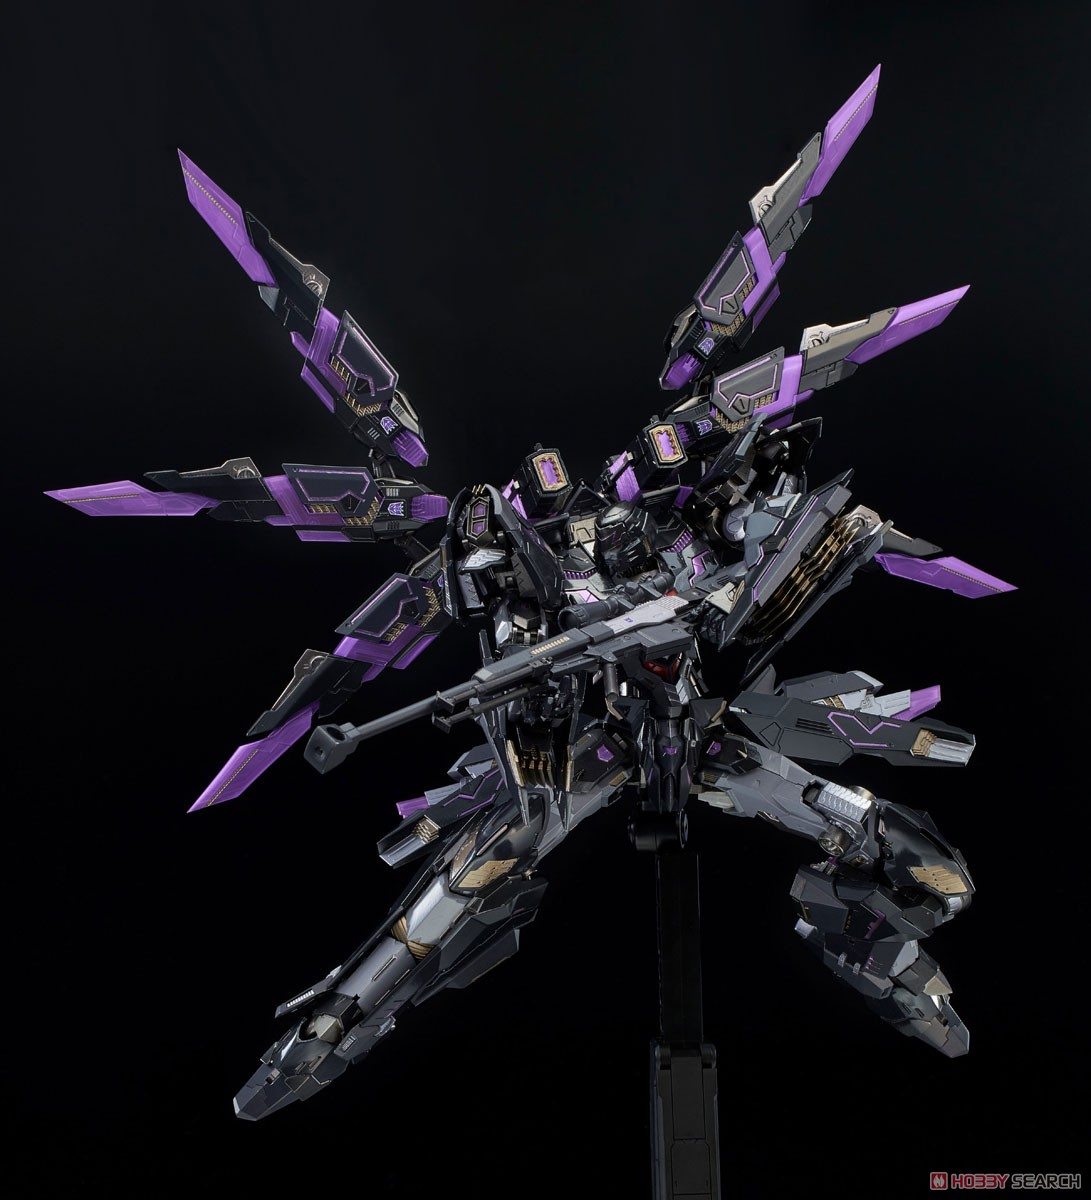 鉄機巧『メガトロン 通常版』トランスフォーマー 可動フィギュア-022